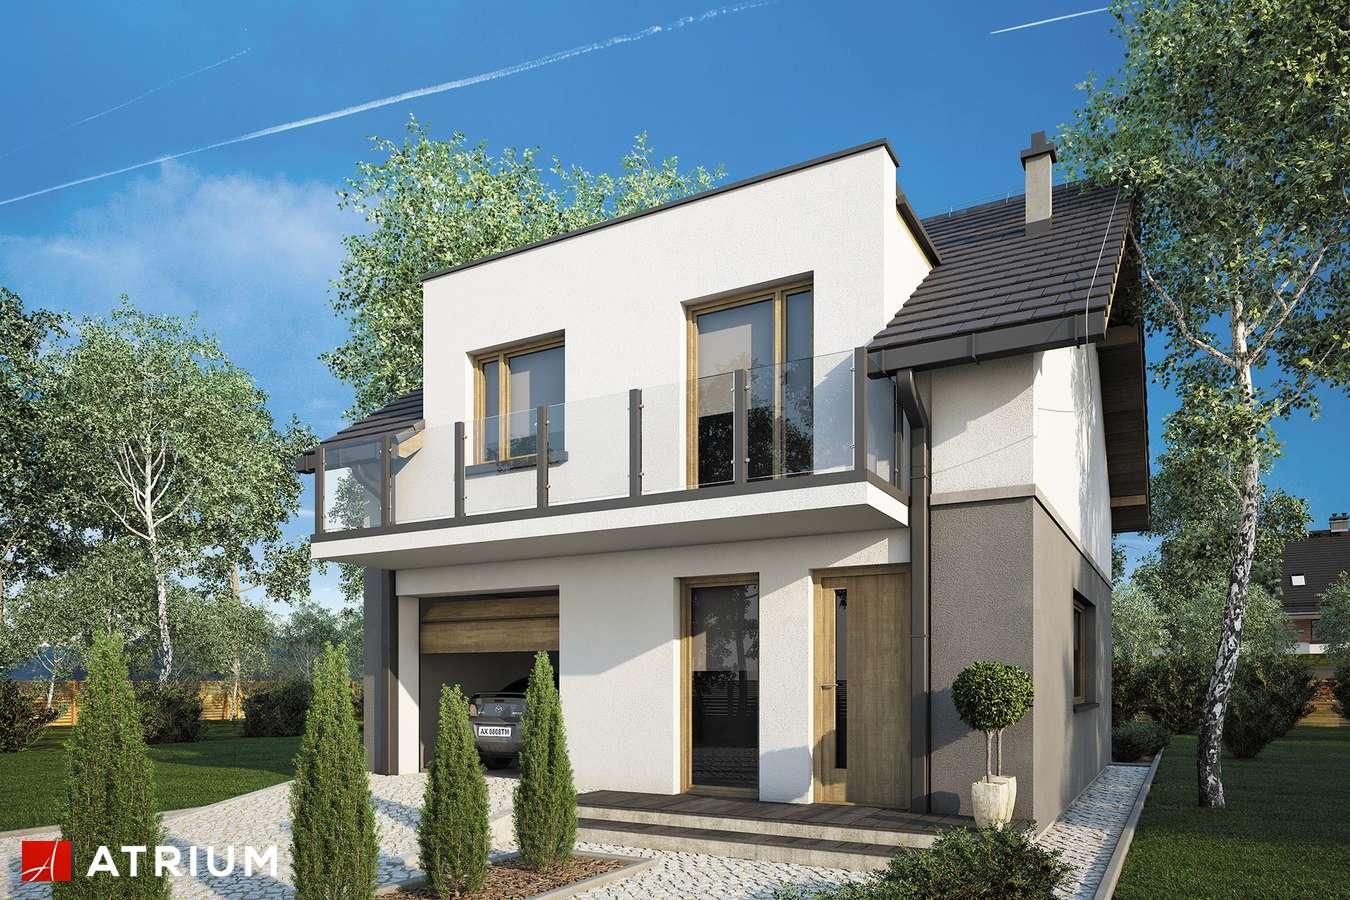 Projekty domów - Projekt domu z poddaszem SINGLE HOUSE - wizualizacja 1 - wersja lustrzana